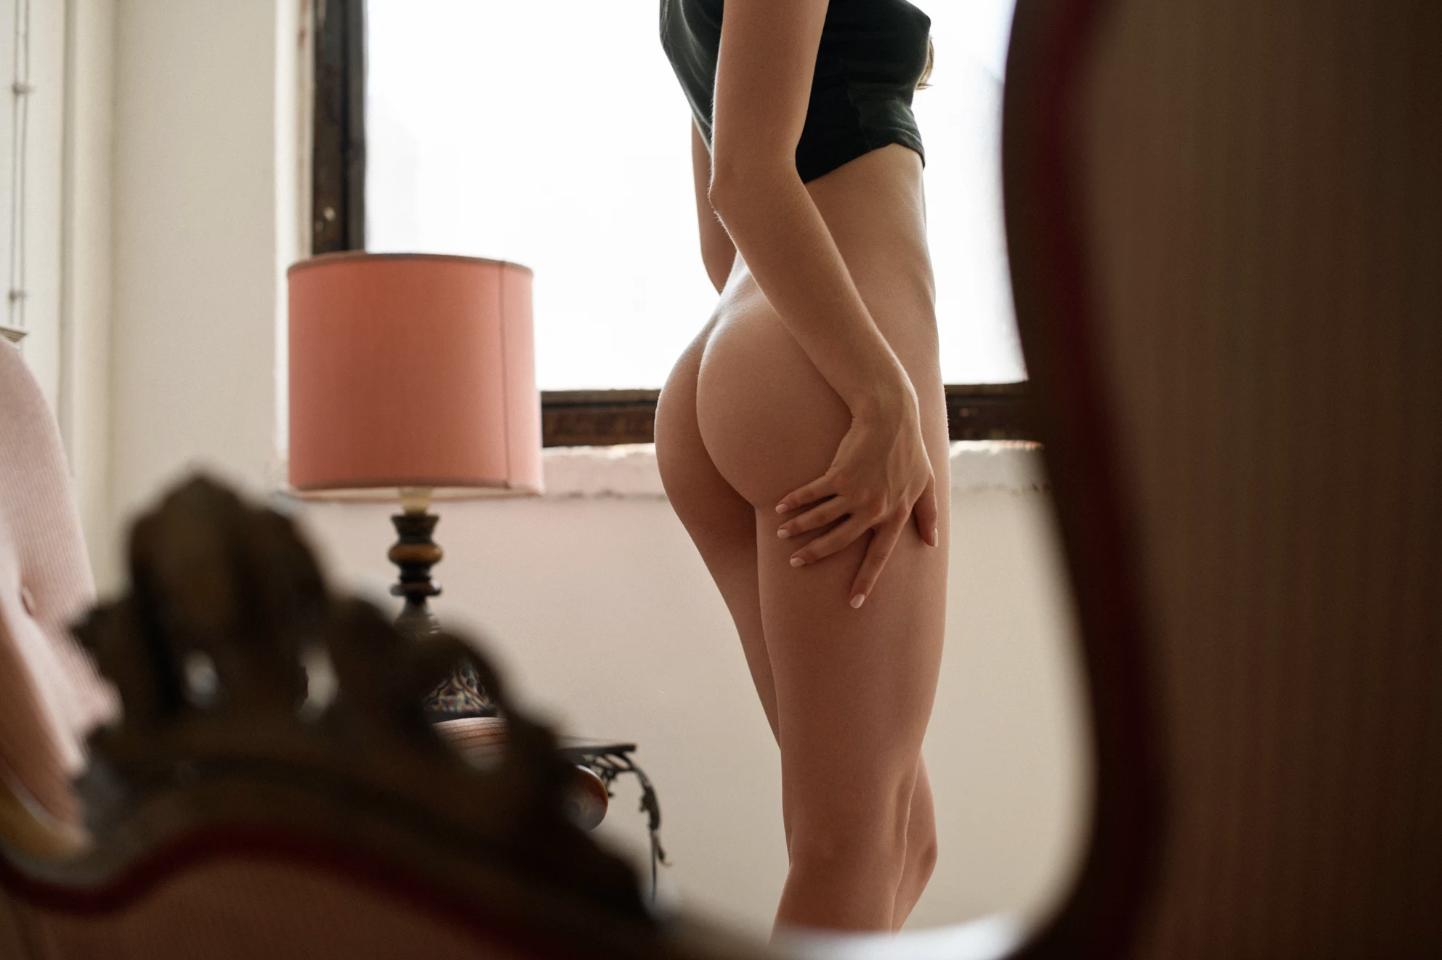 Kamerki erotyczne: 5 porad dla średnio zaawansowanych